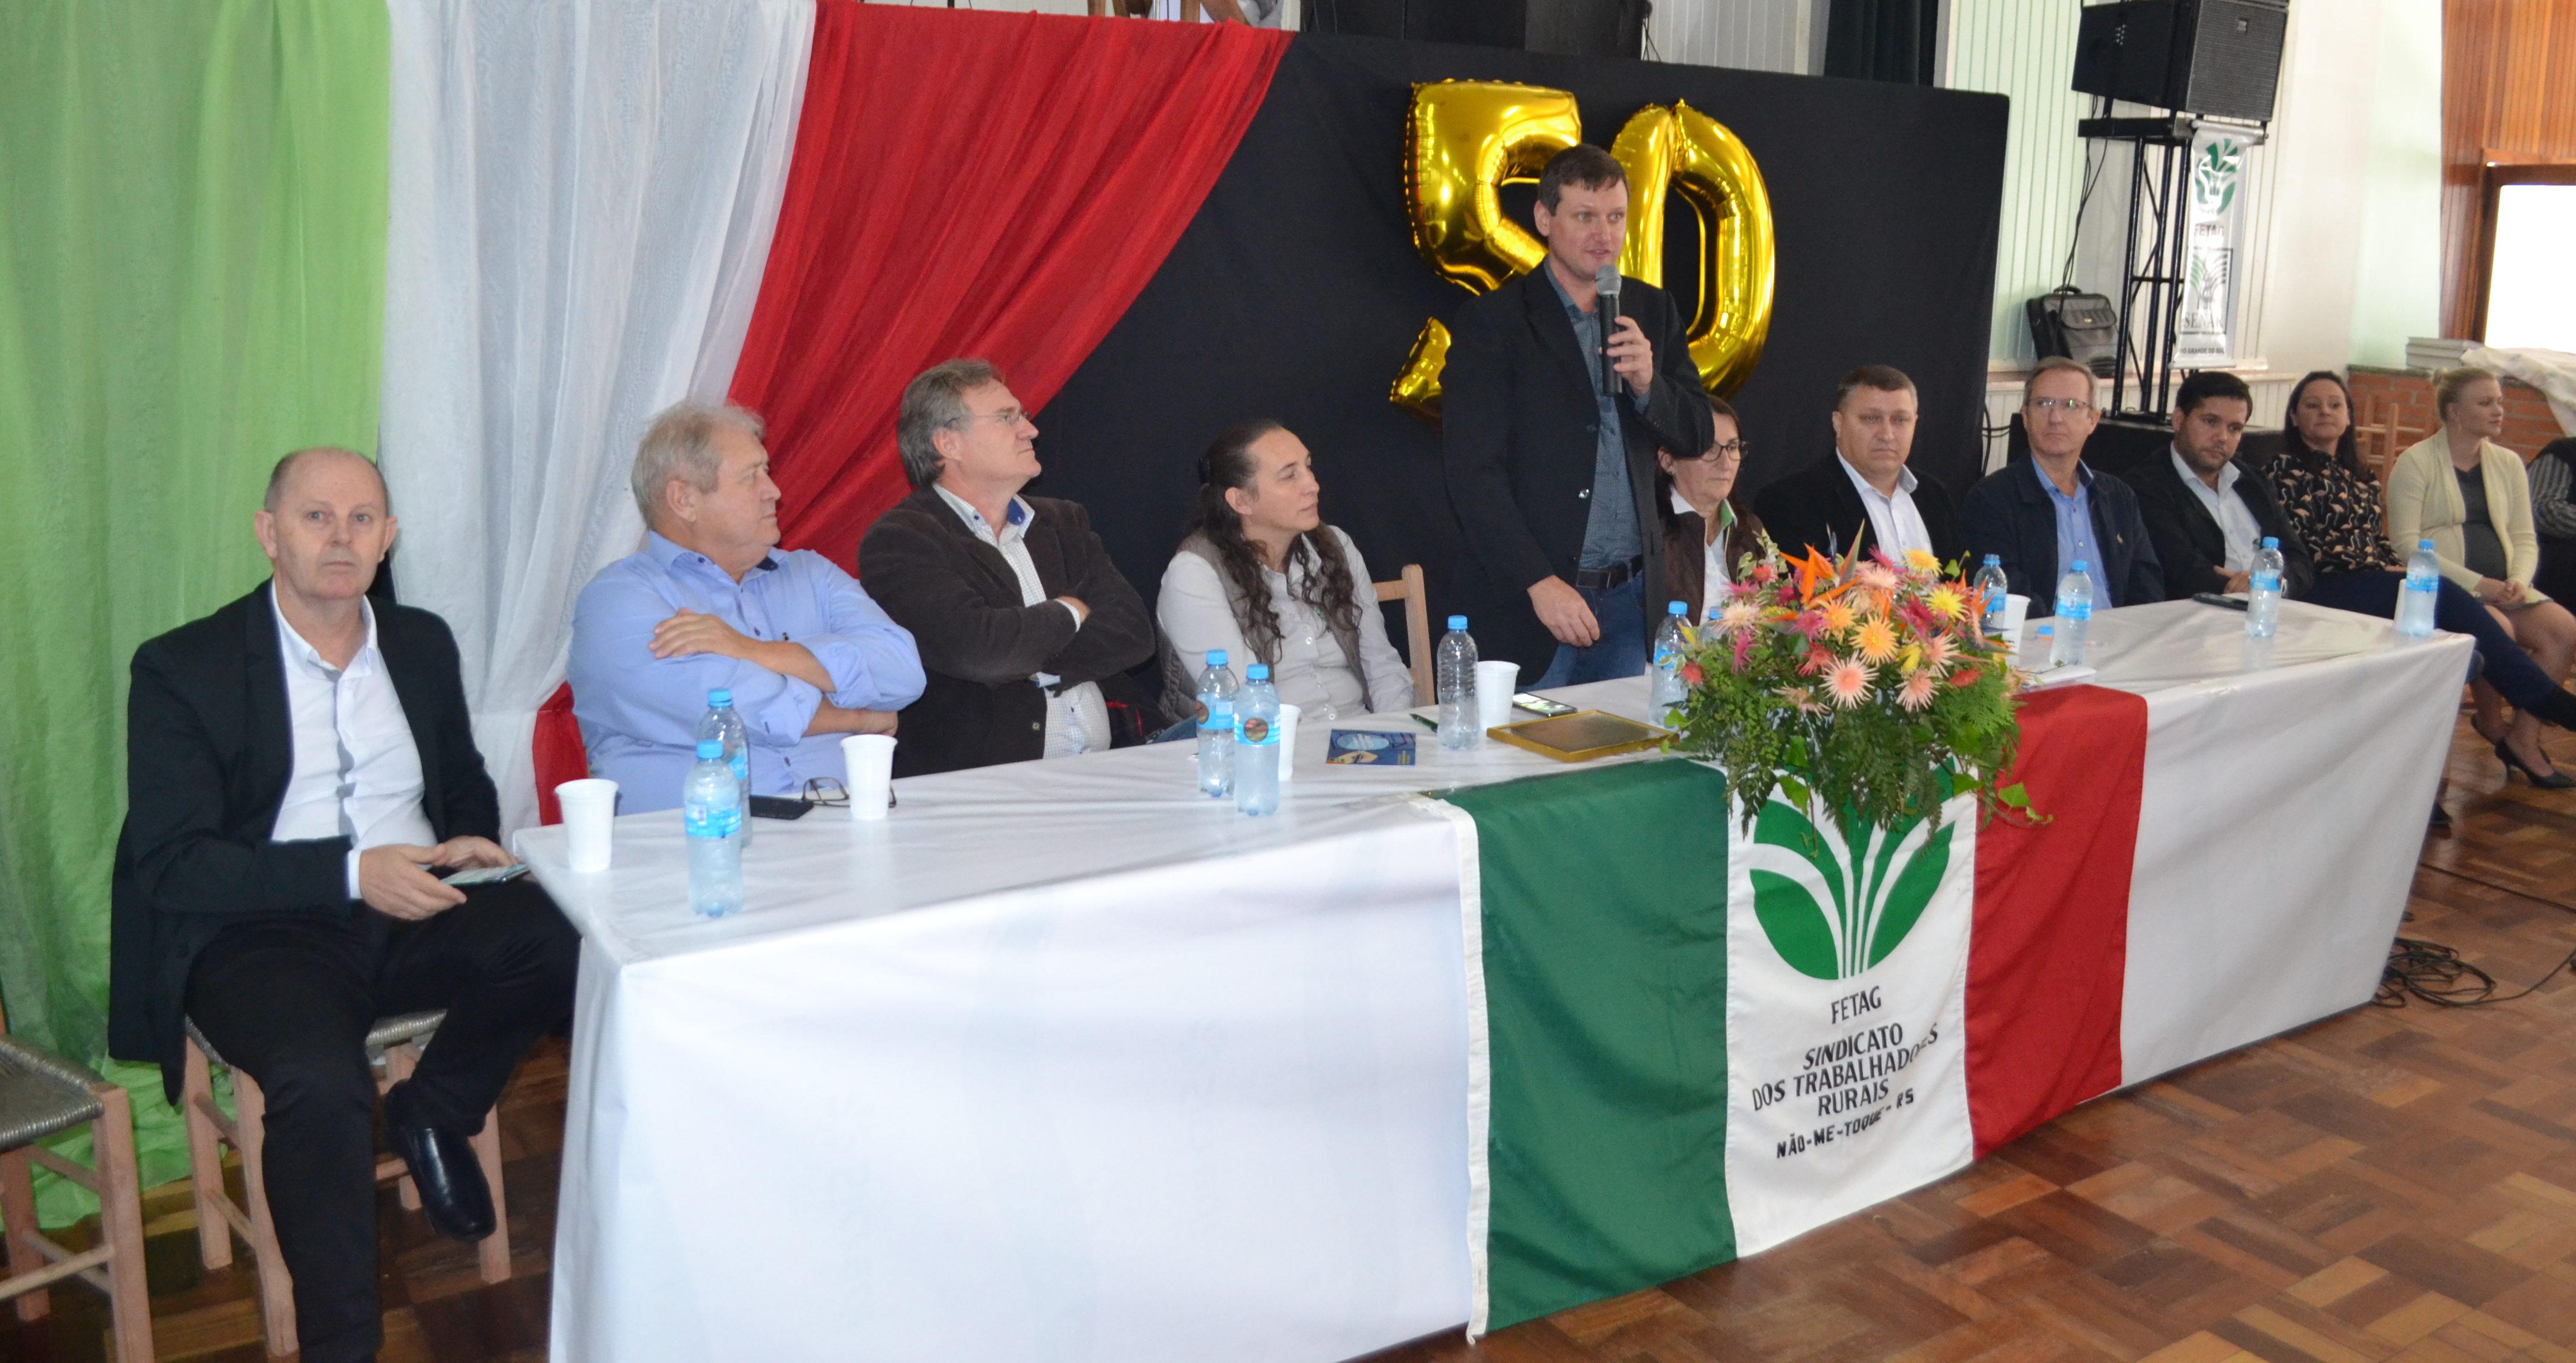 Trabalhadores rurais comemoram 50 anos de história